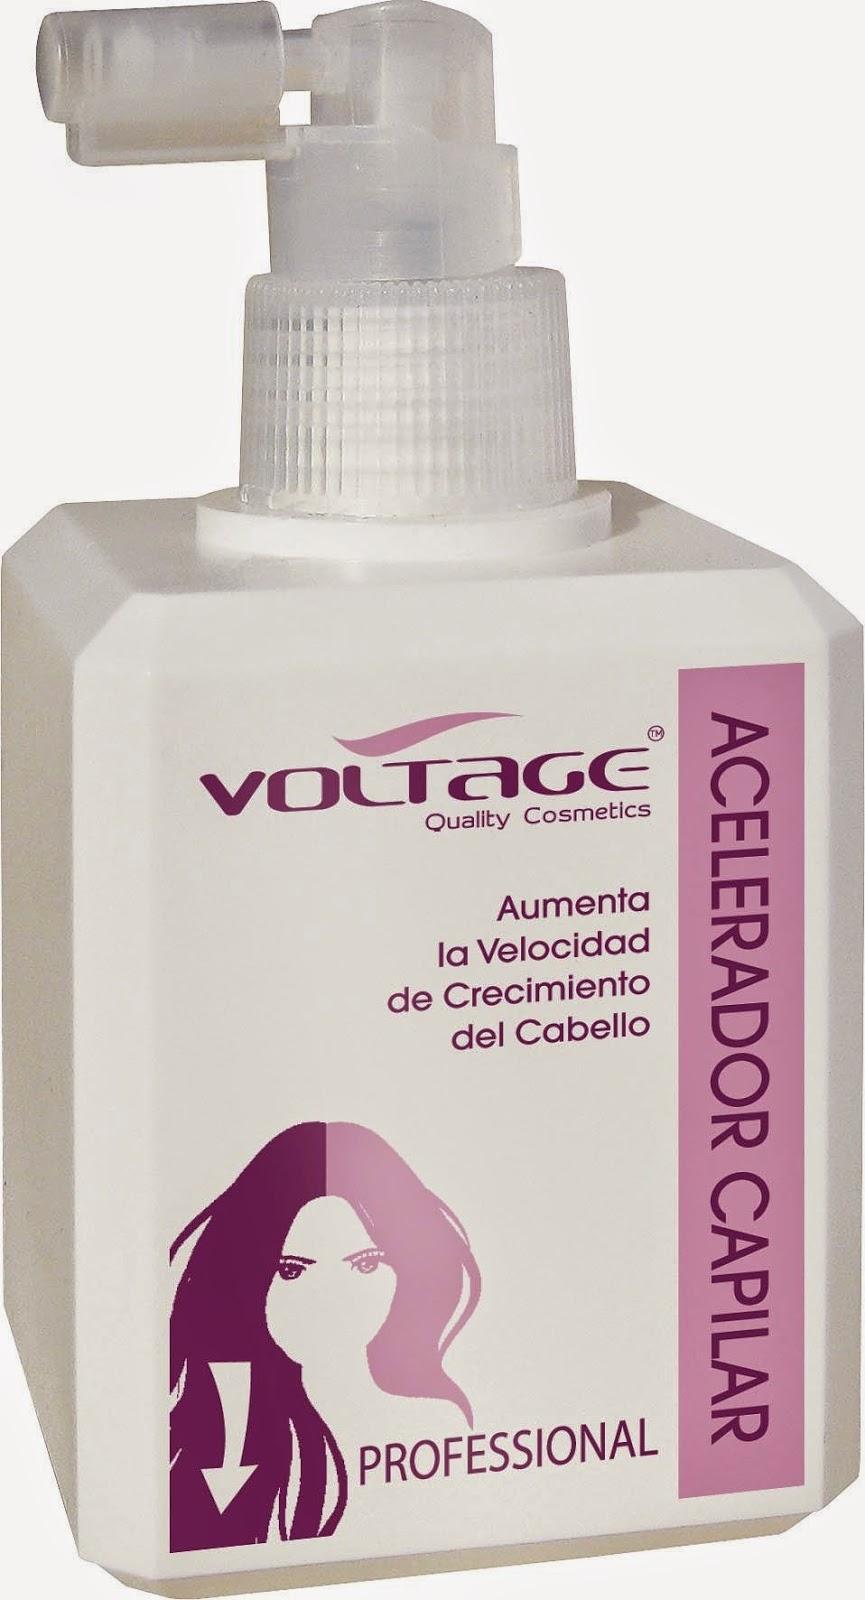 voltage acelerador capilar